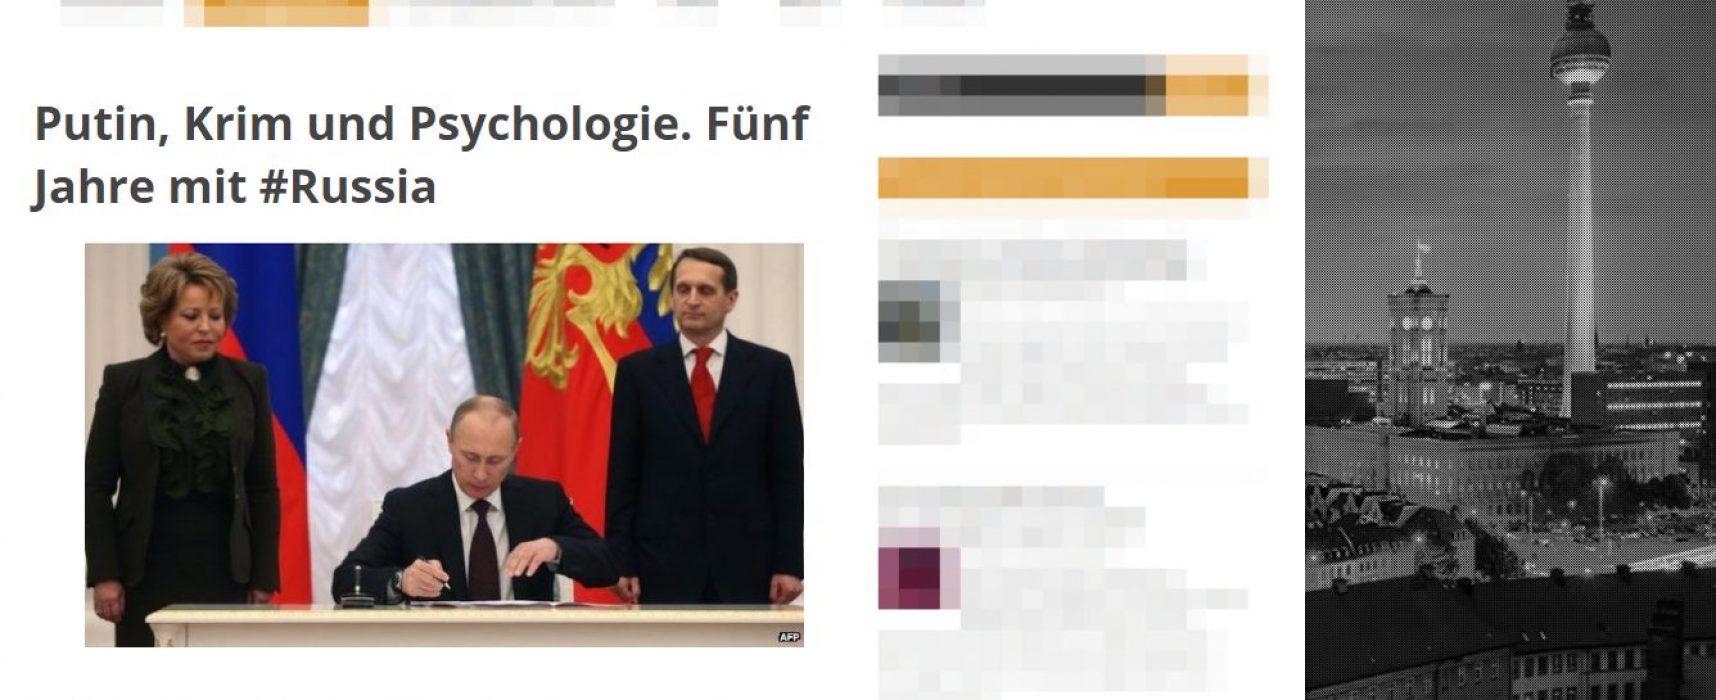 РИА «Новости» сообщило о немецких СМИ, восхищенных развитием Крыма. «Немецкие СМИ» оказались липовым сайтом